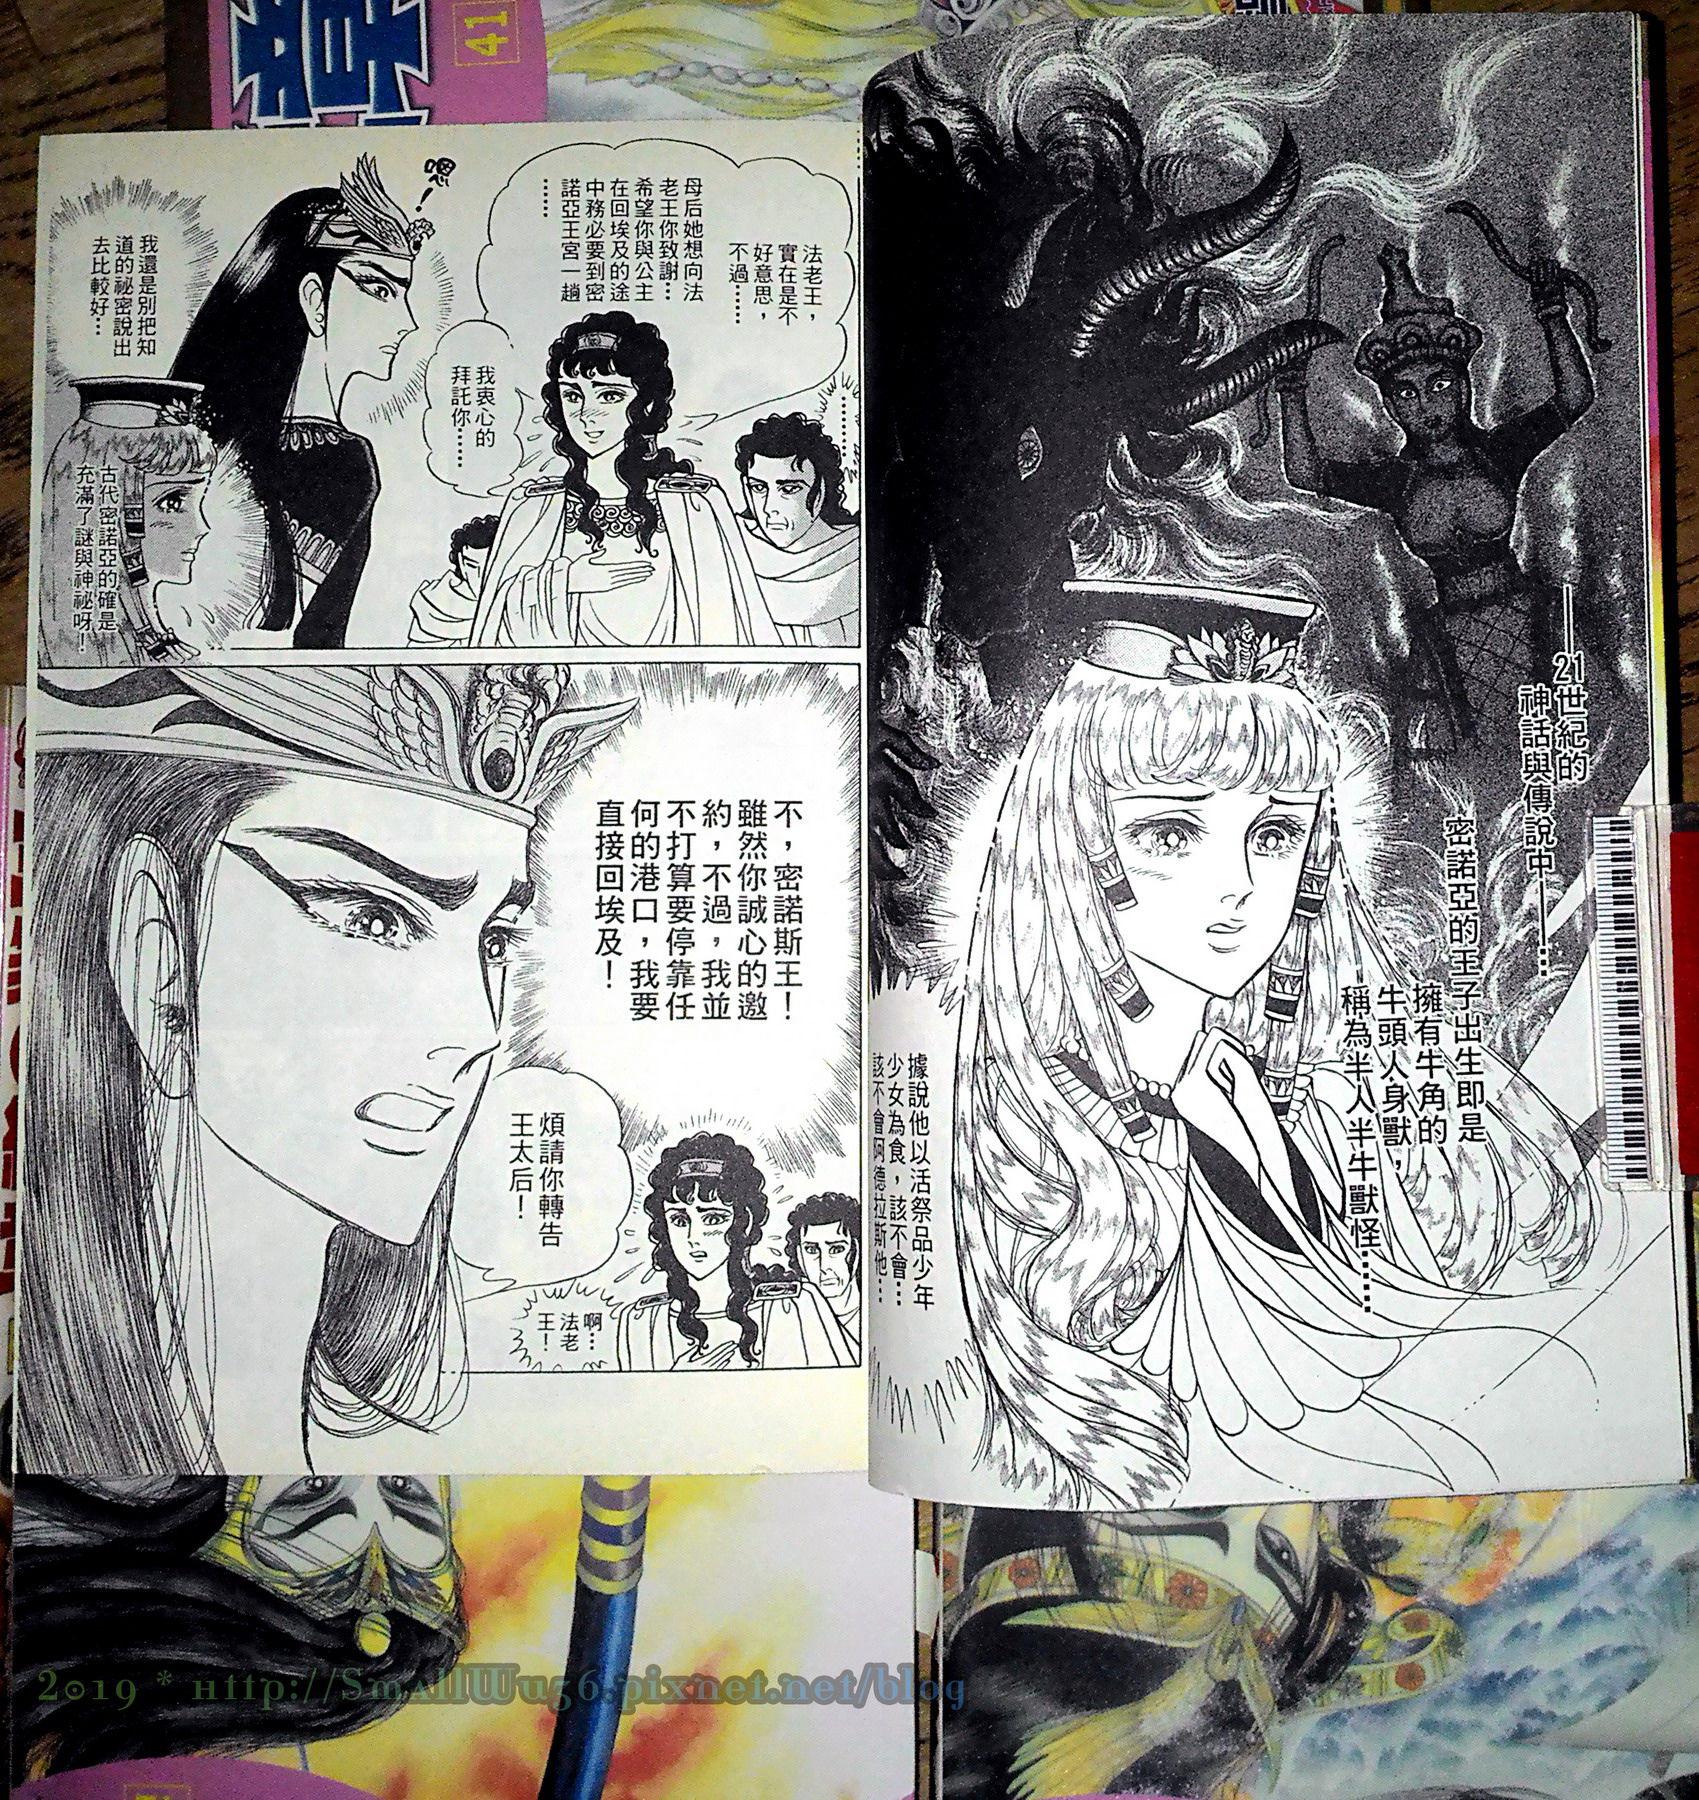 細川智榮子-王家的紋章(尼羅河女兒) 39-44 (長鴻)  vol_44.jpg